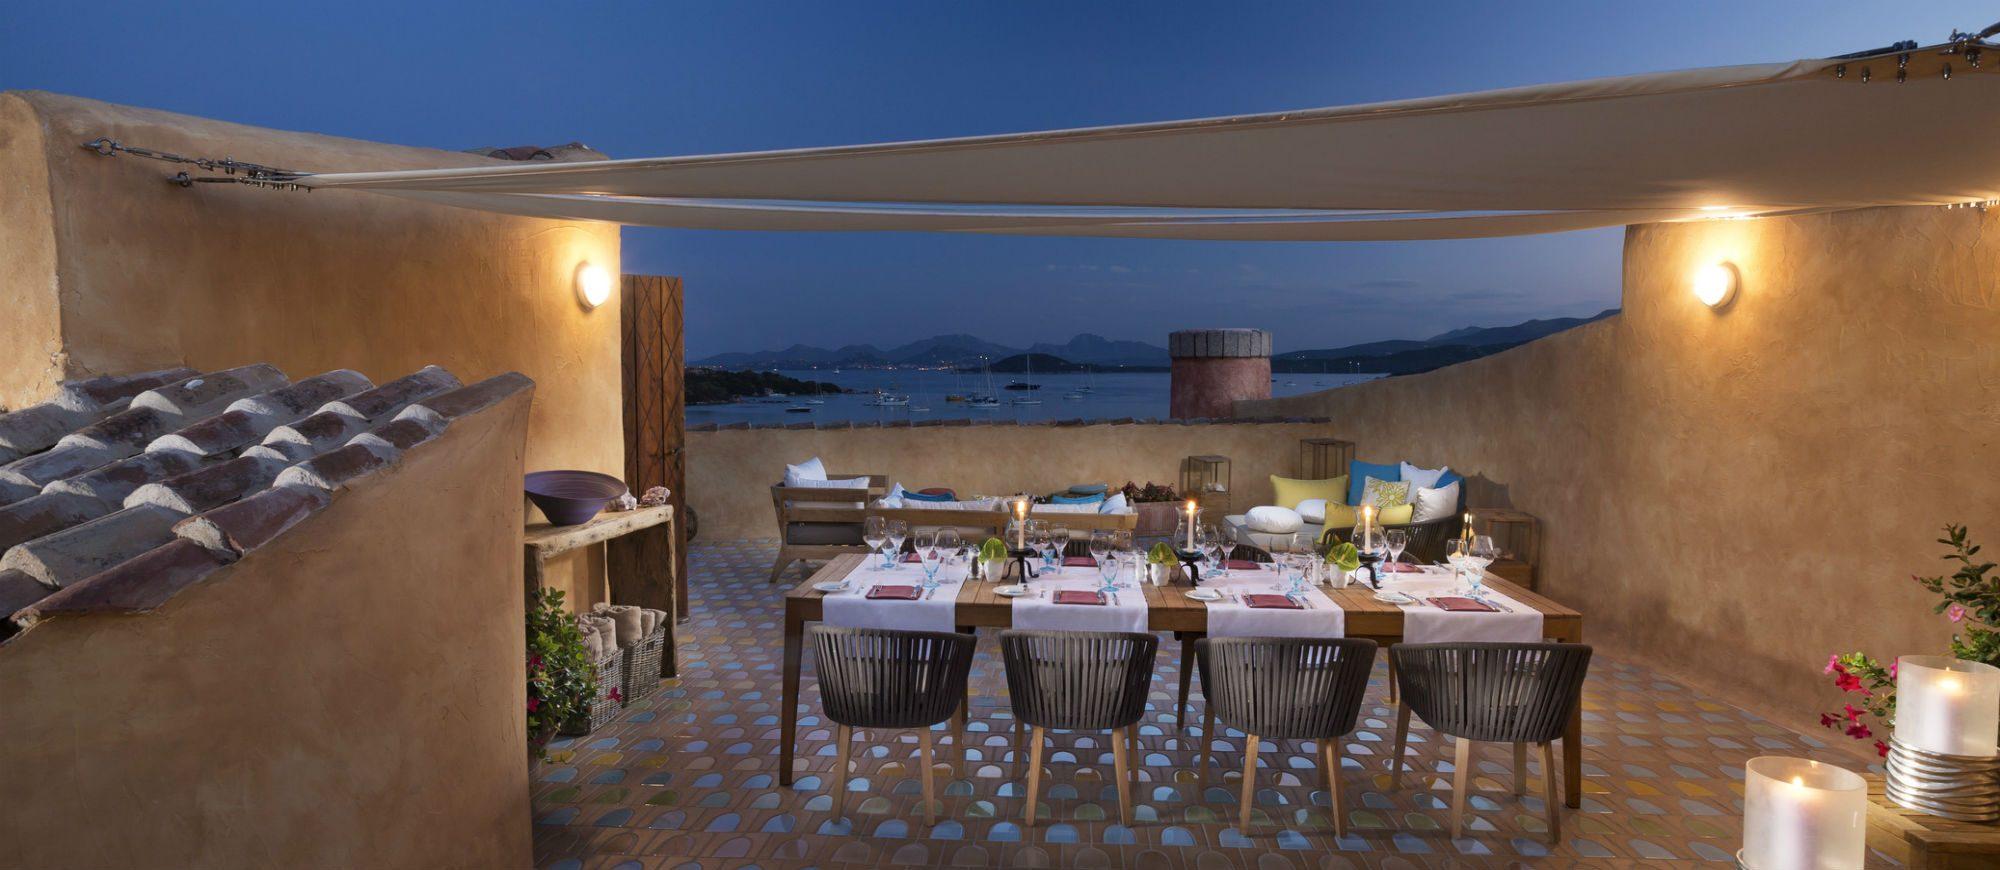 pent-main11-lux59gr-159685-penthouse-suite-terrace